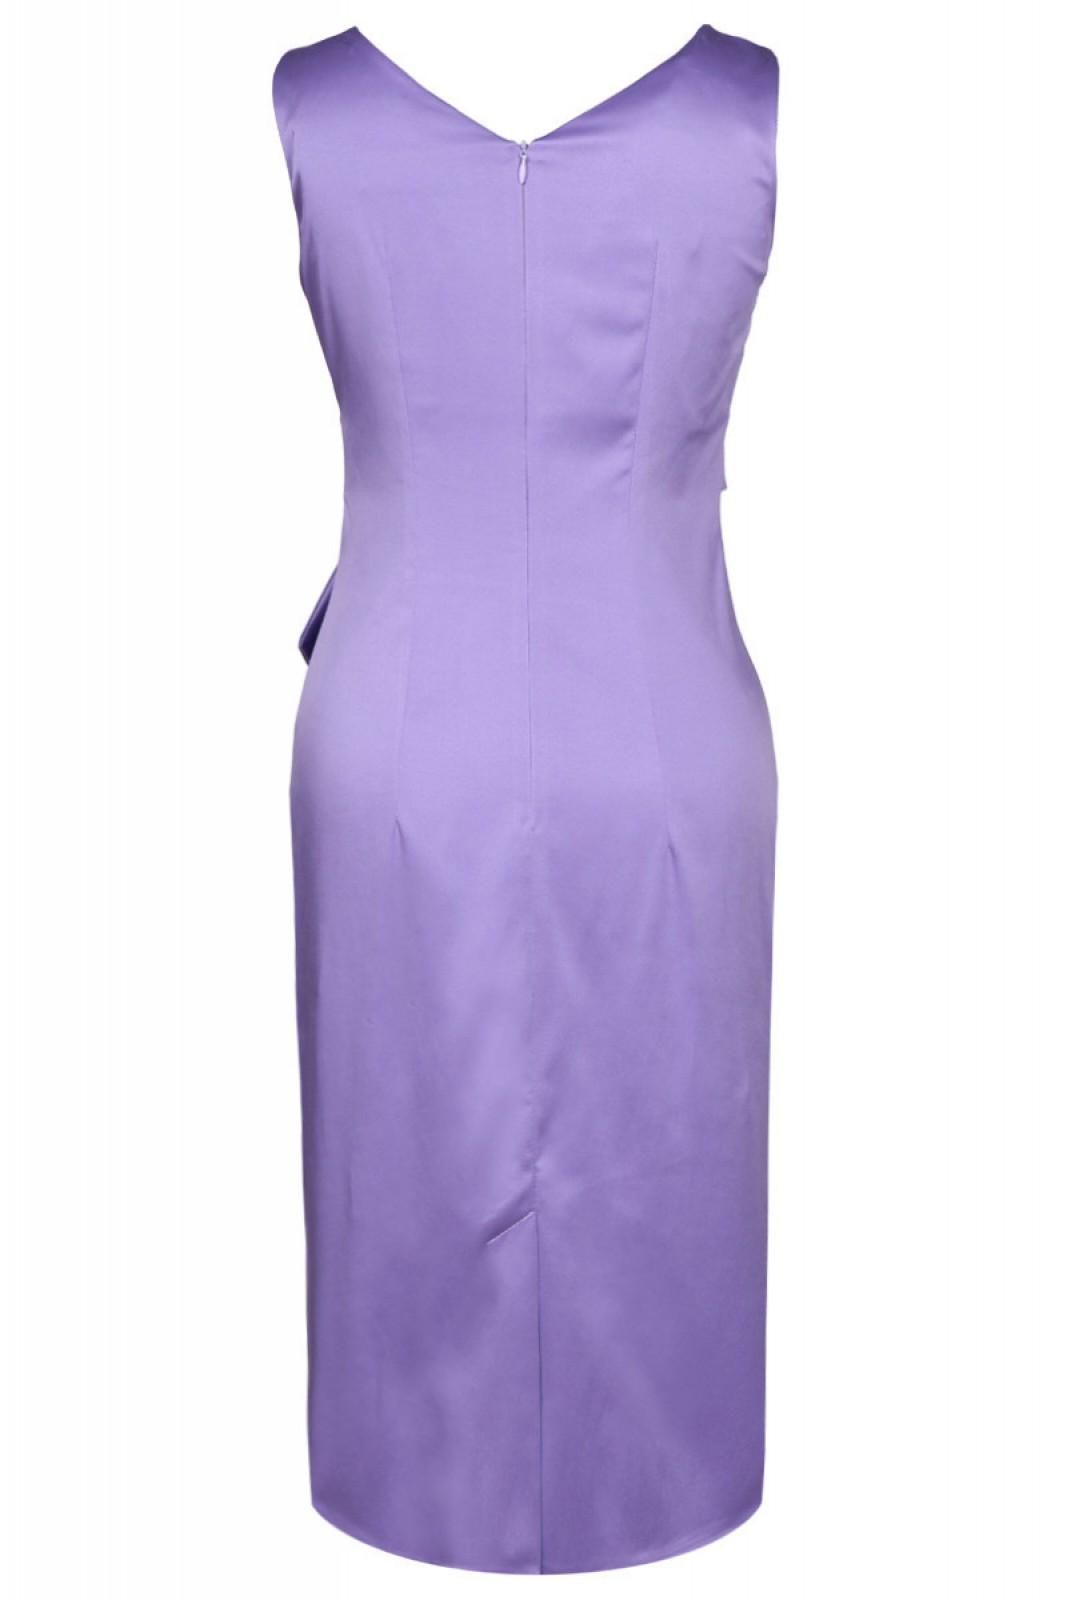 Partykleider in violett-lila mit V-Ausschnitt und Schärpe - ...